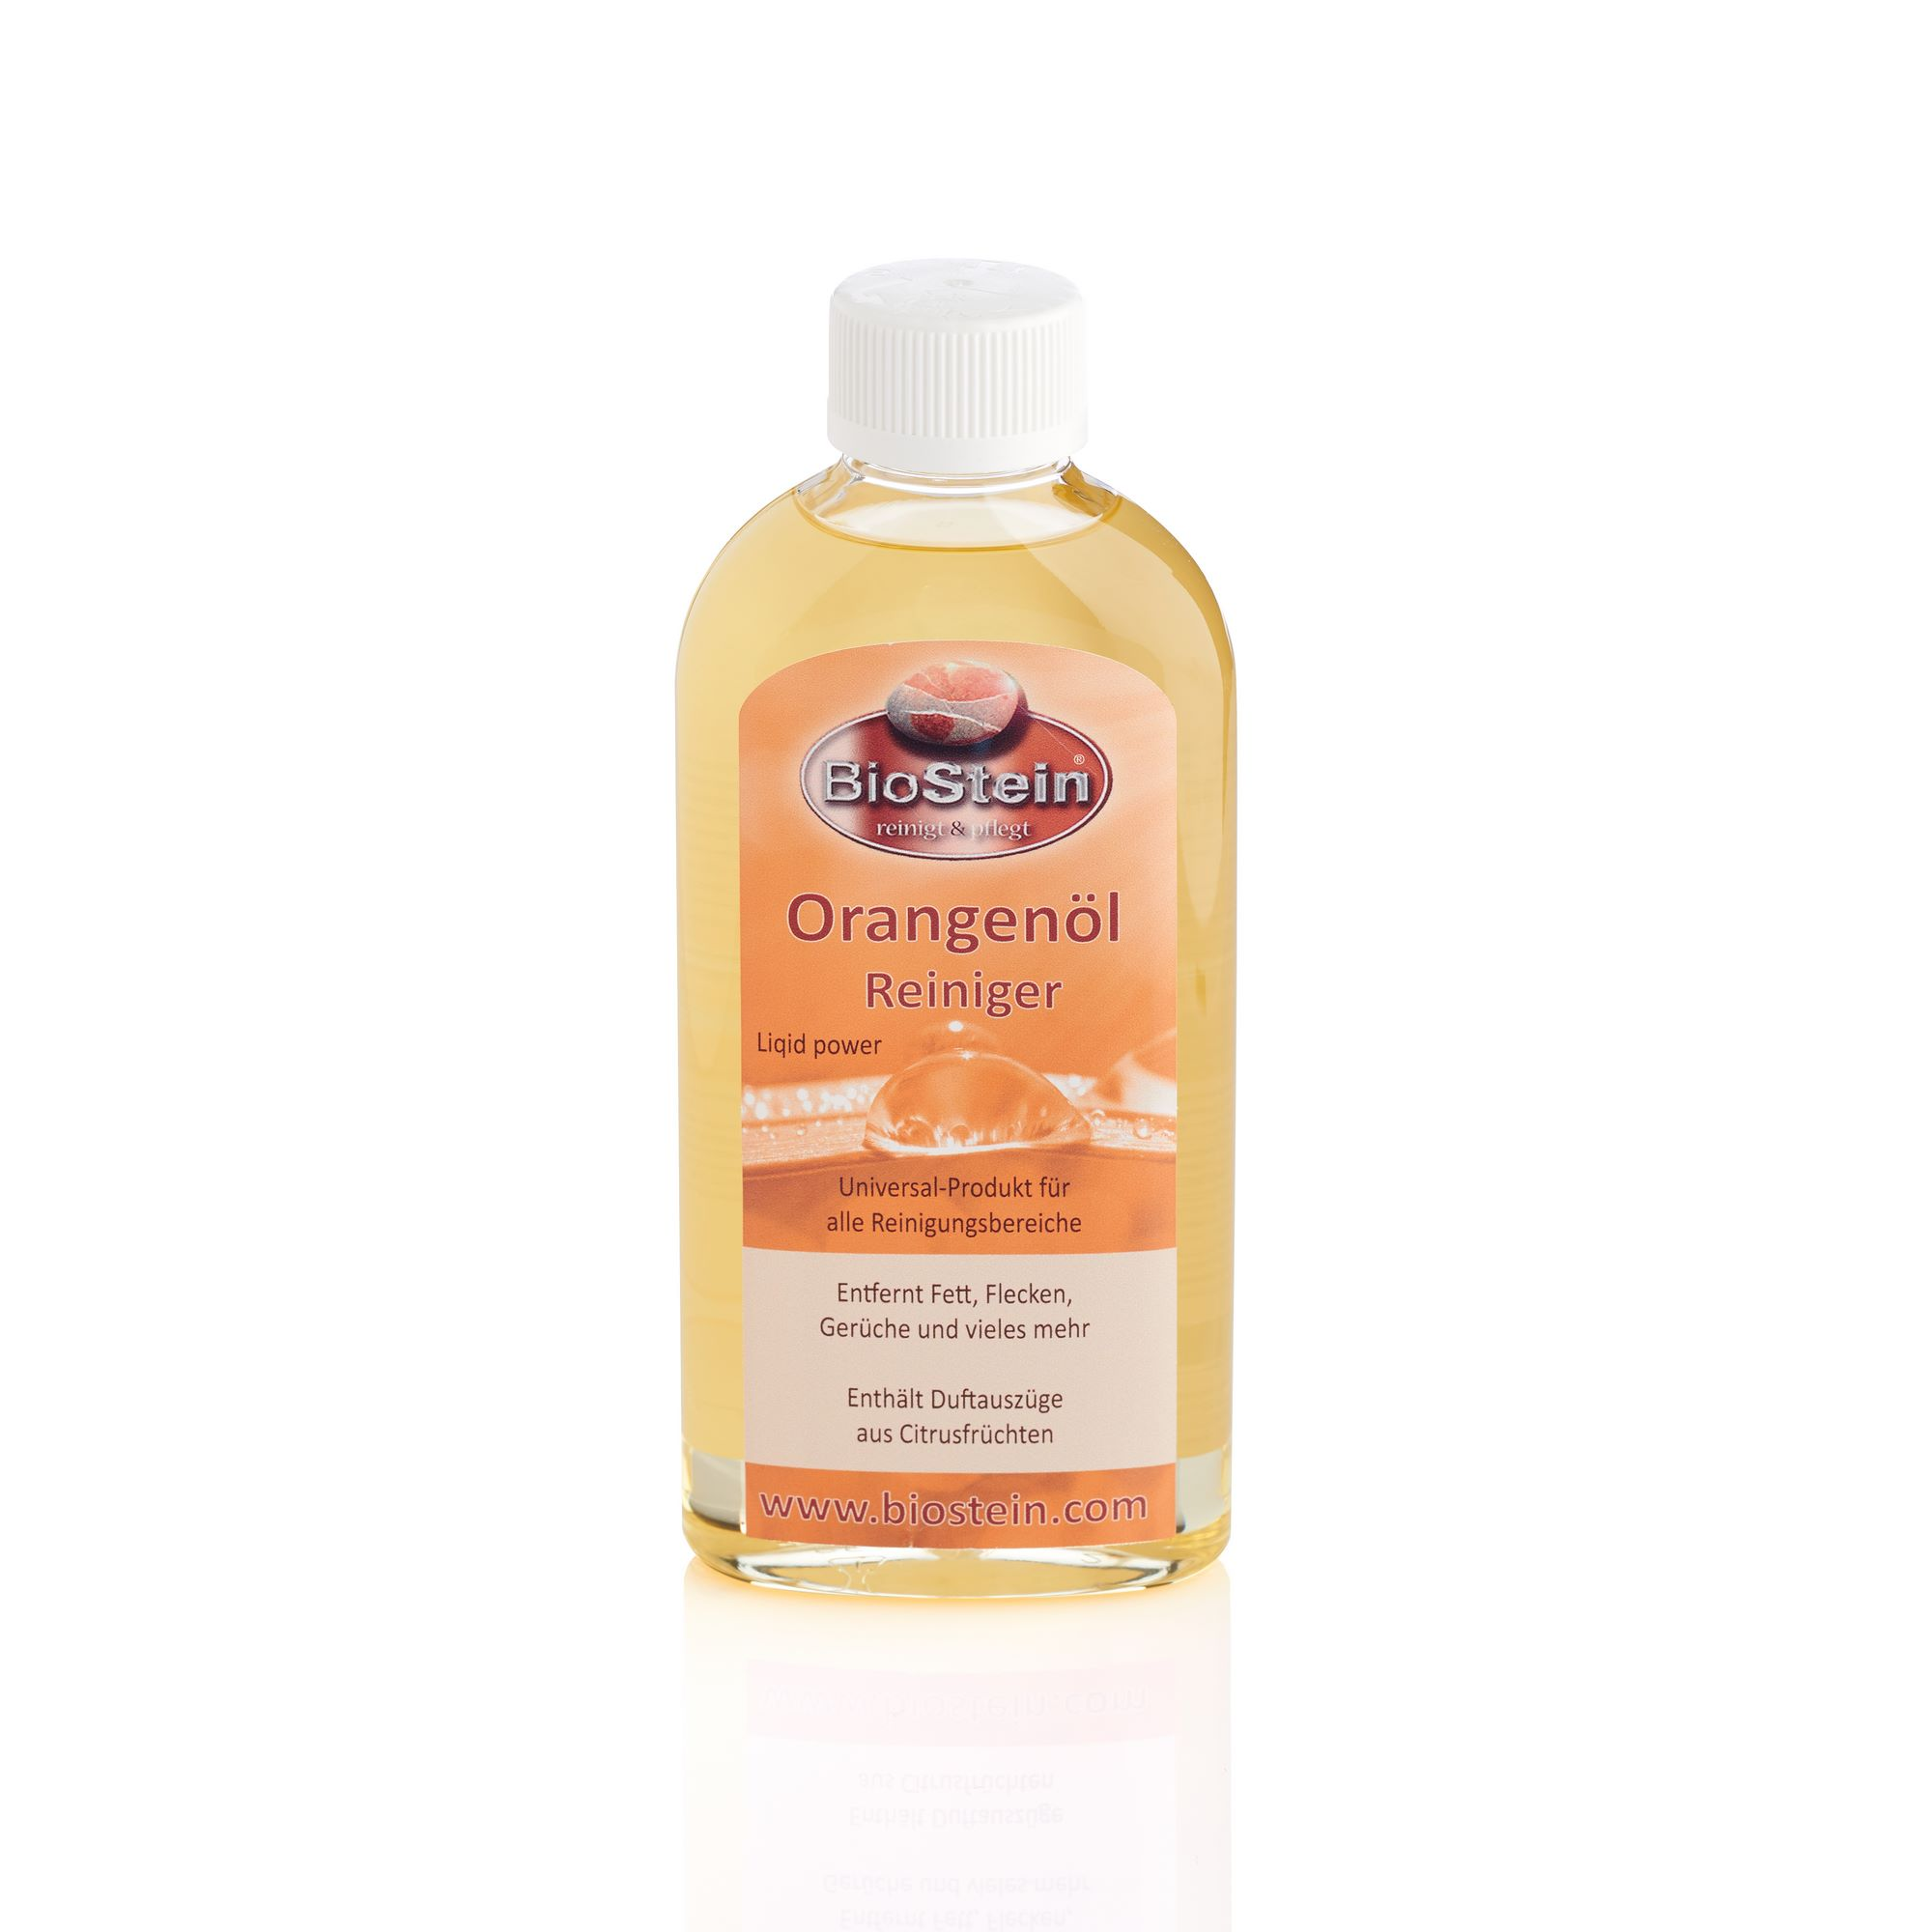 BioStein Cleaner with orange oil